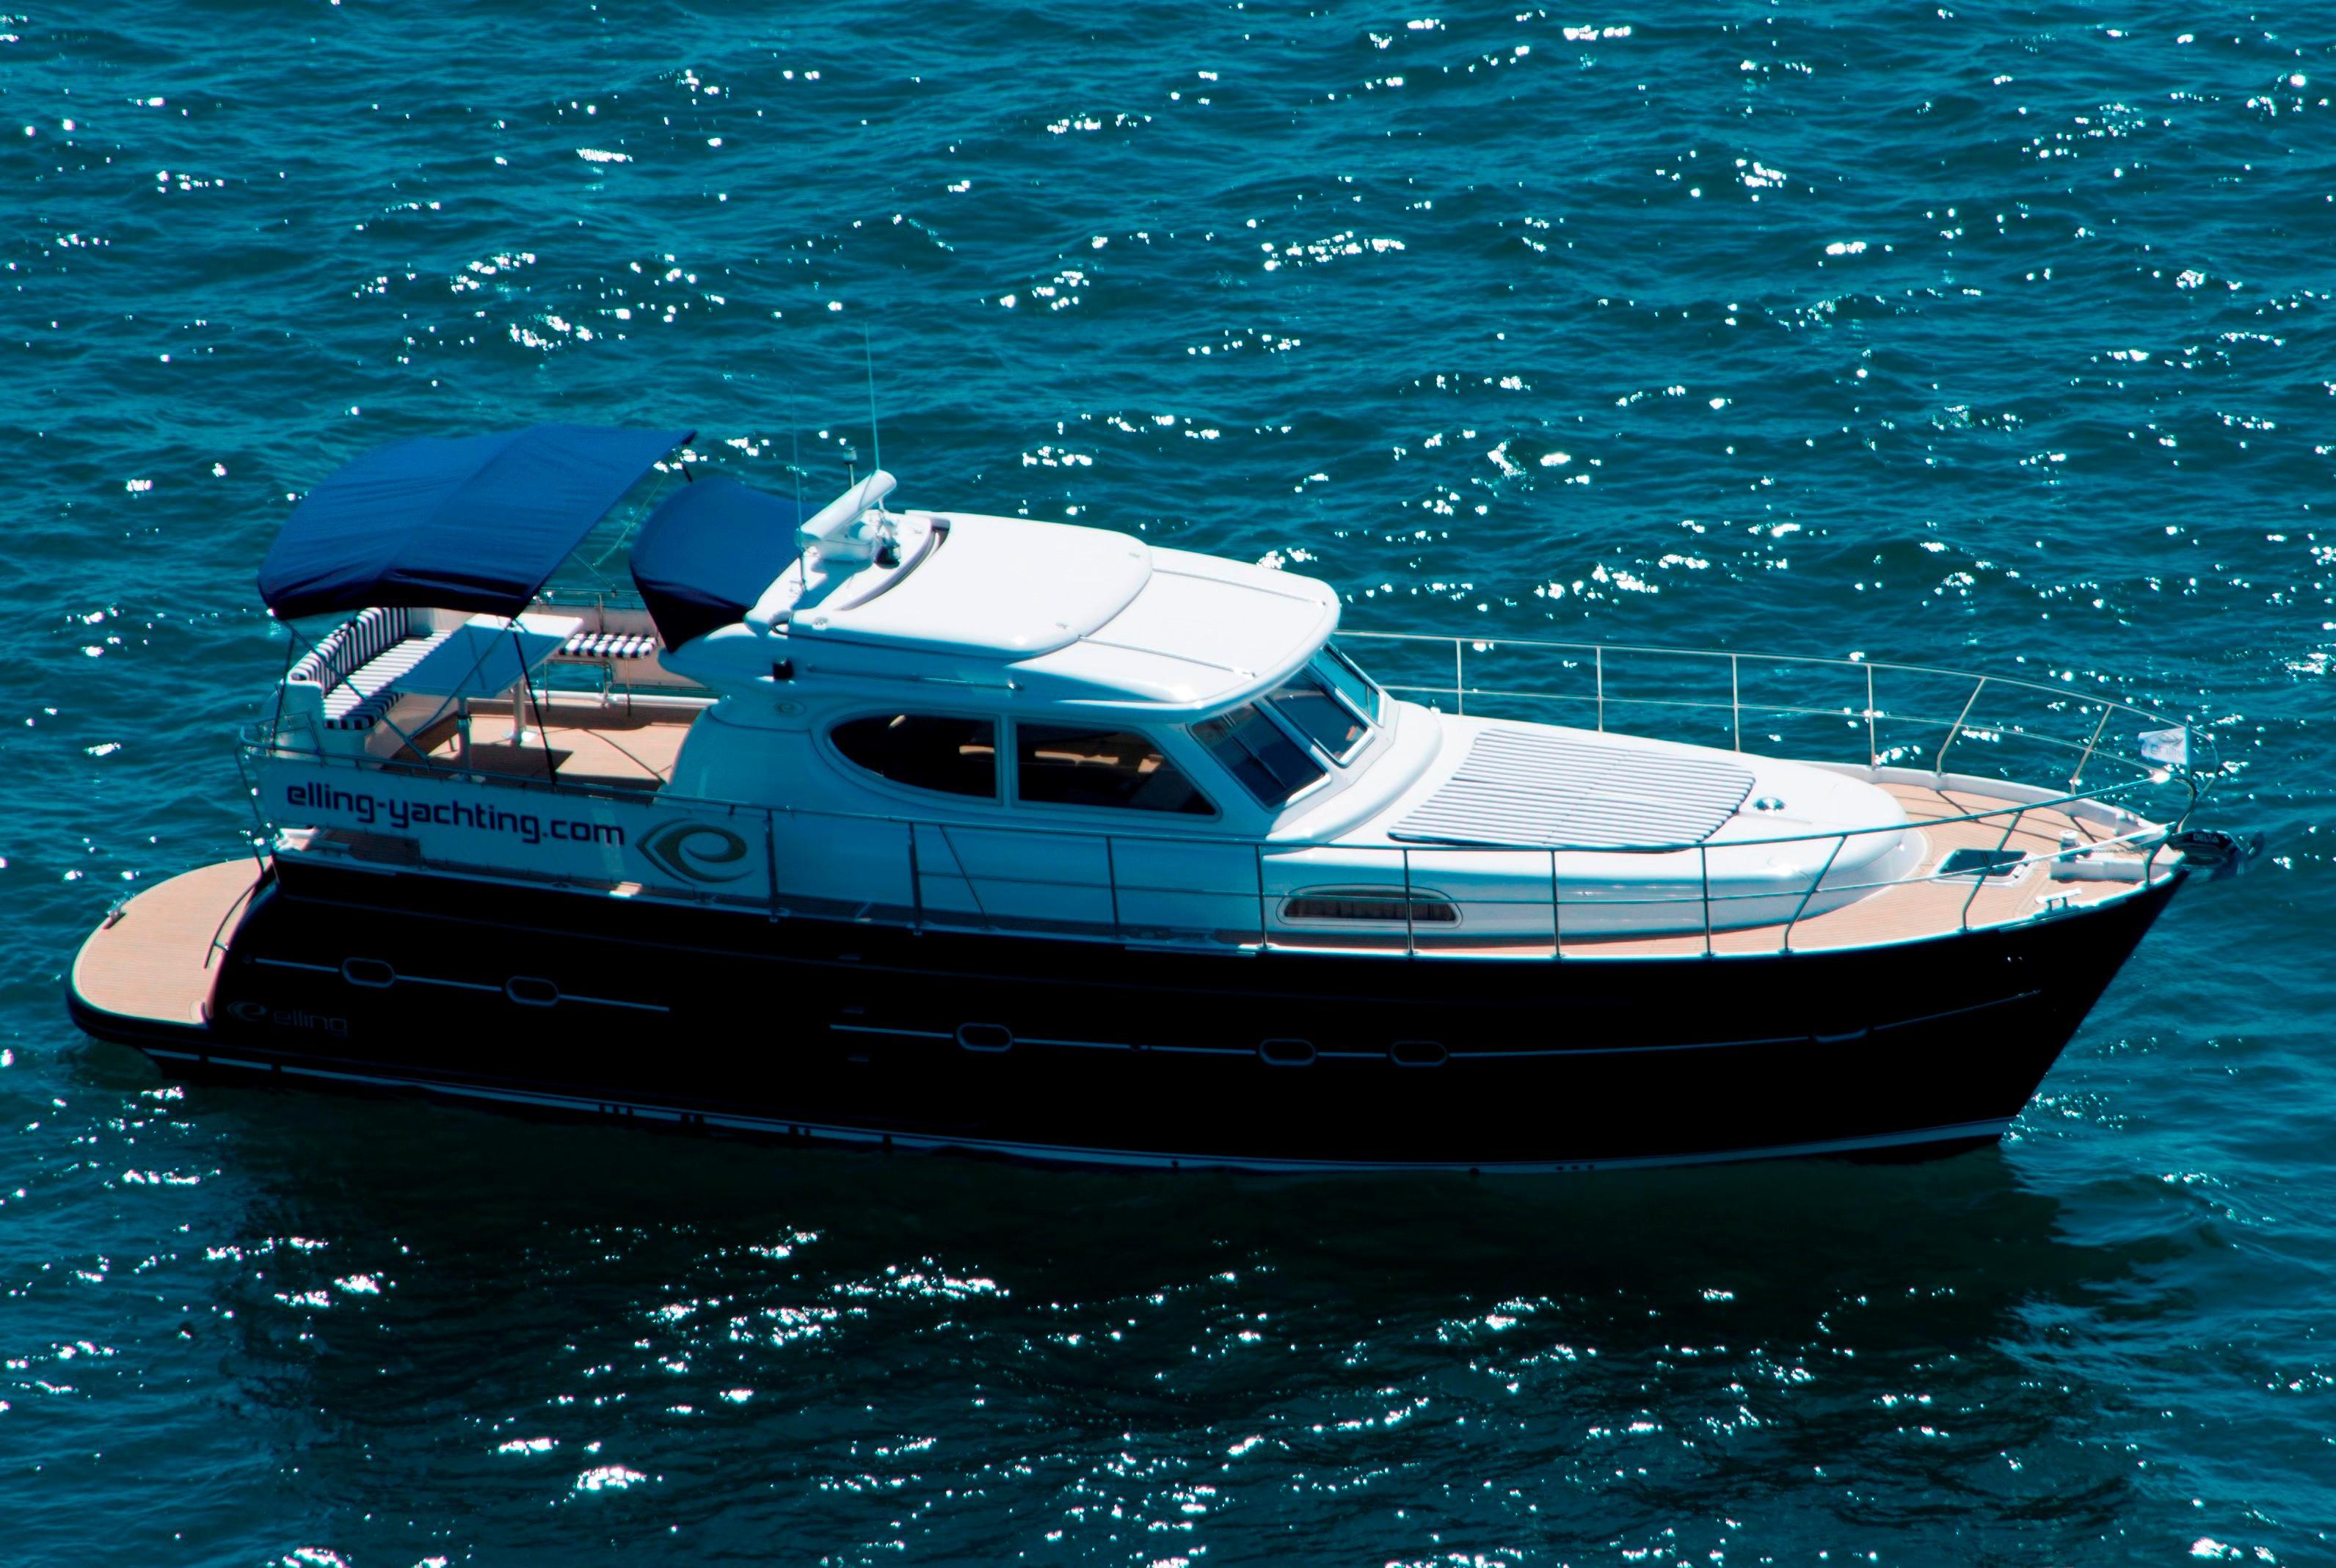 году высшим купить яхту в москве прайс информационно-развлекательный канал для